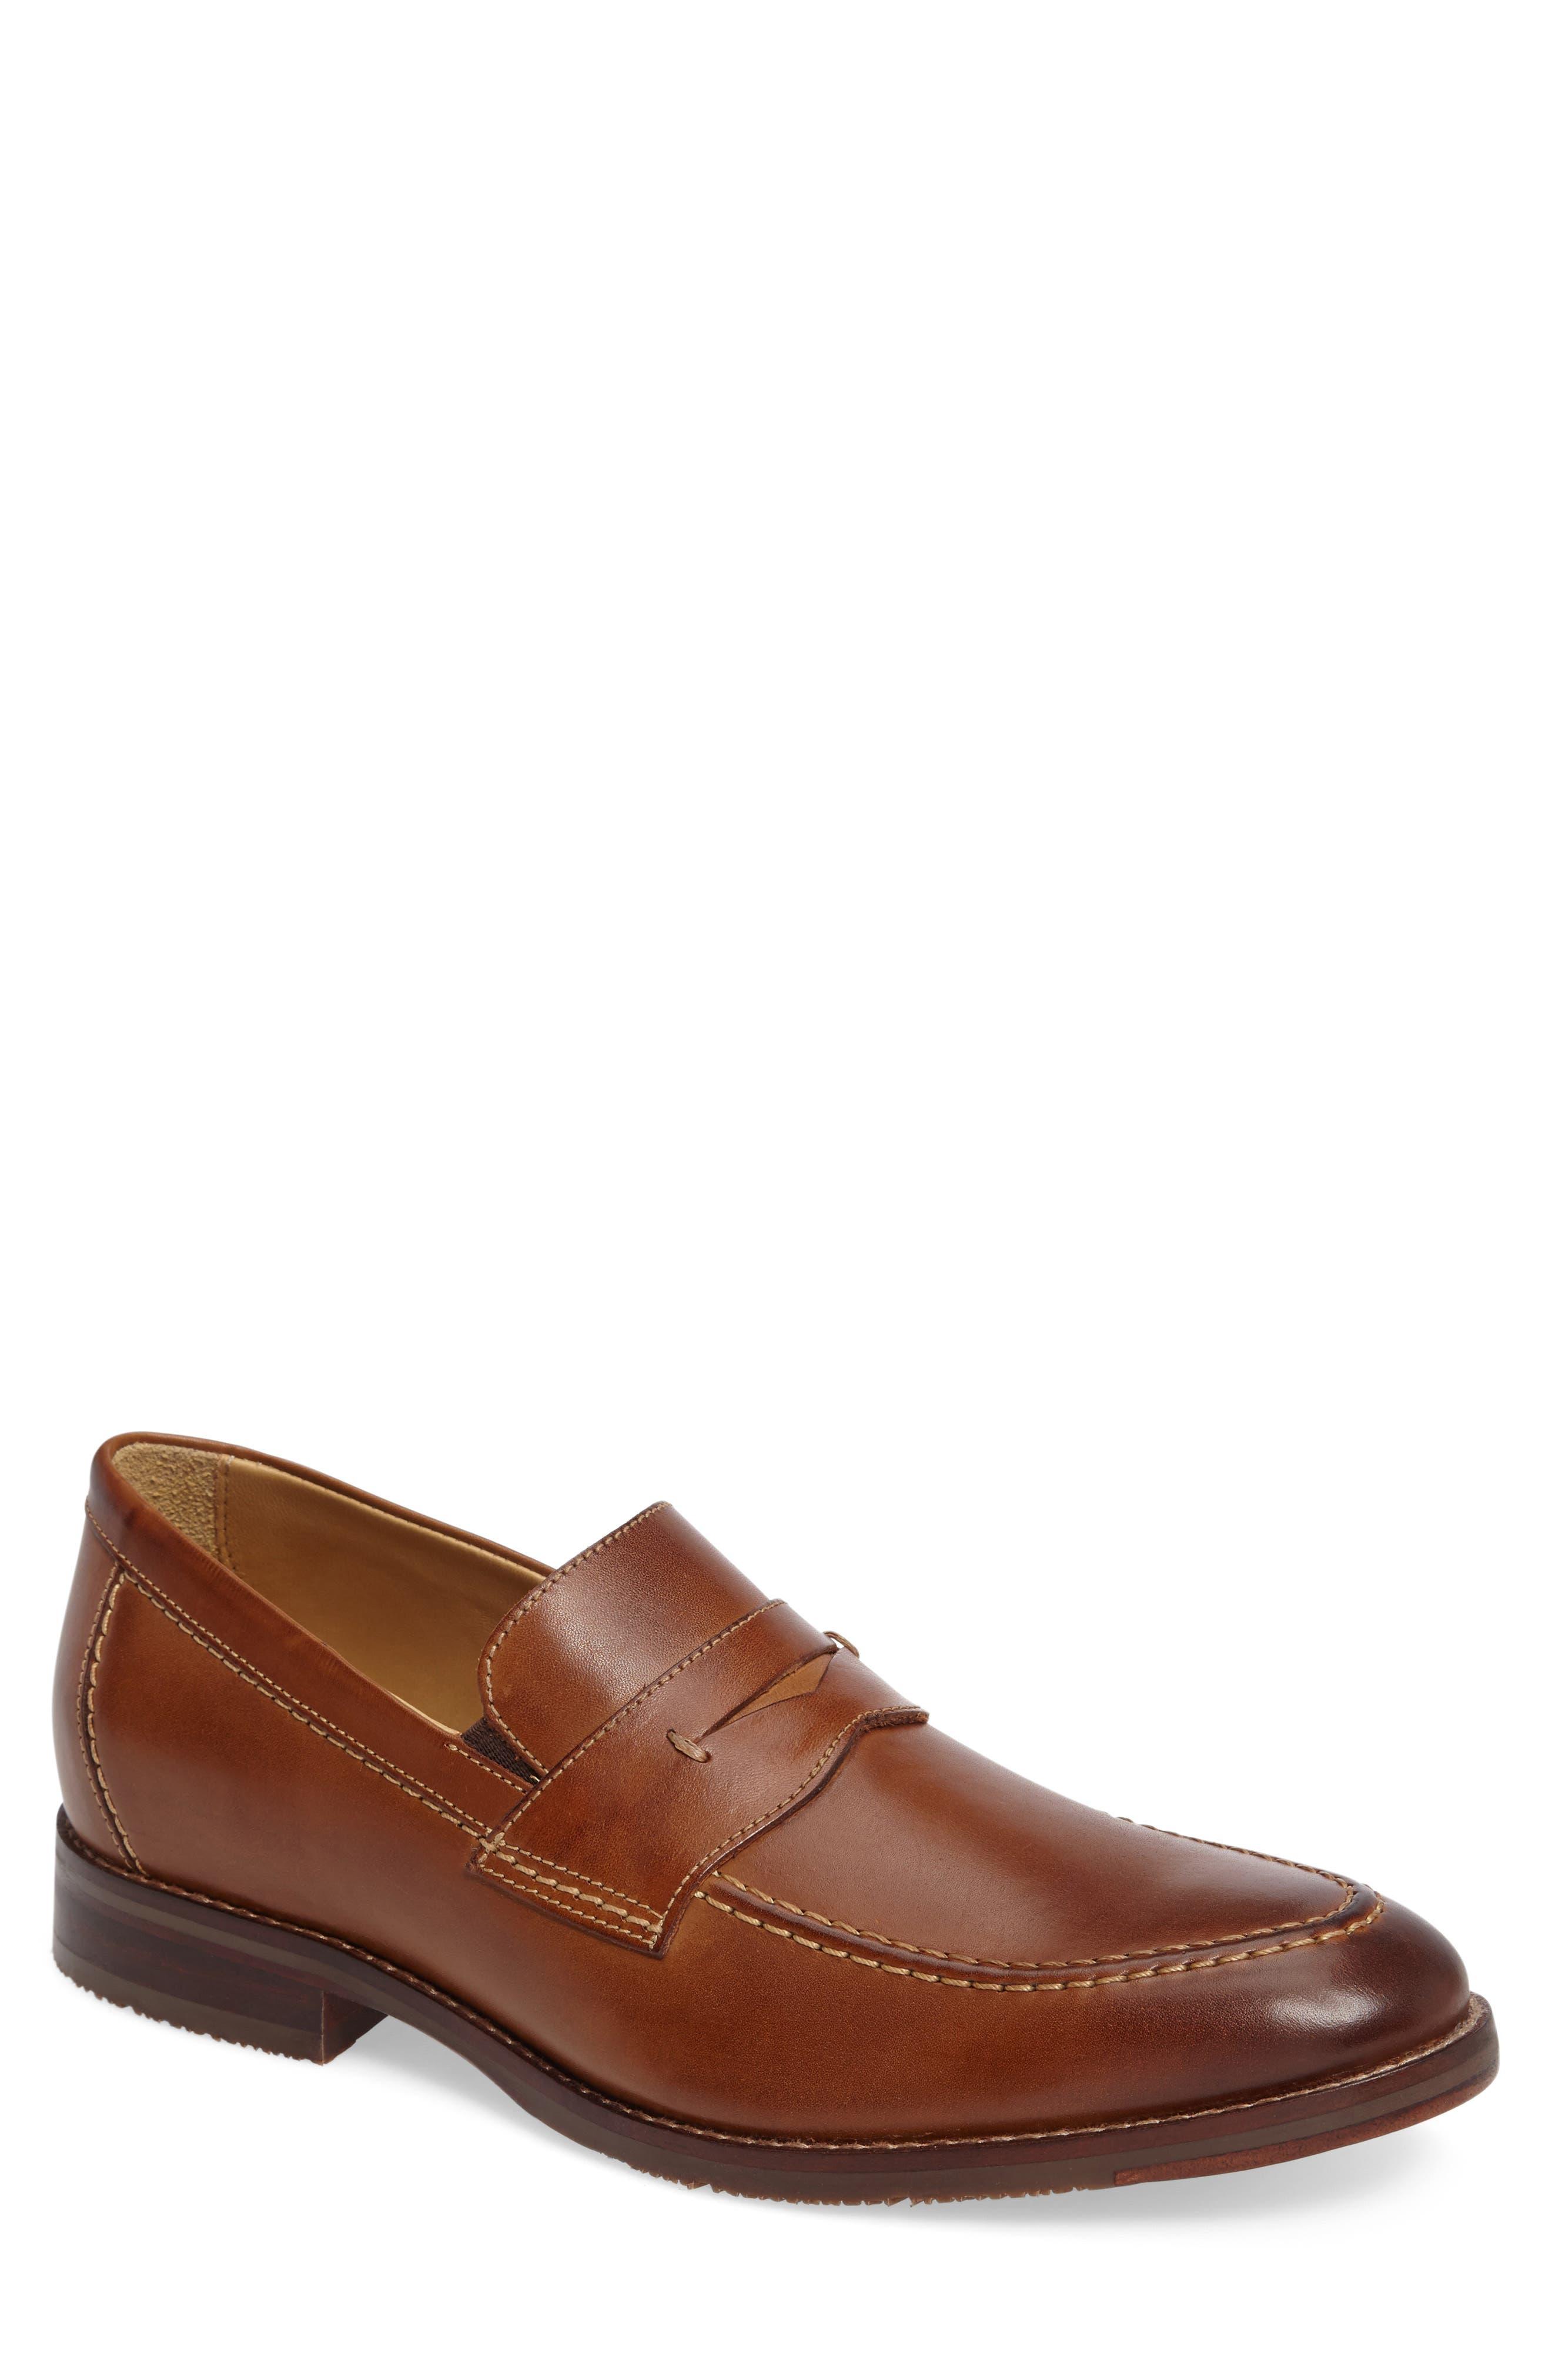 Garner Penny Loafer,                         Main,                         color, Tan Leather